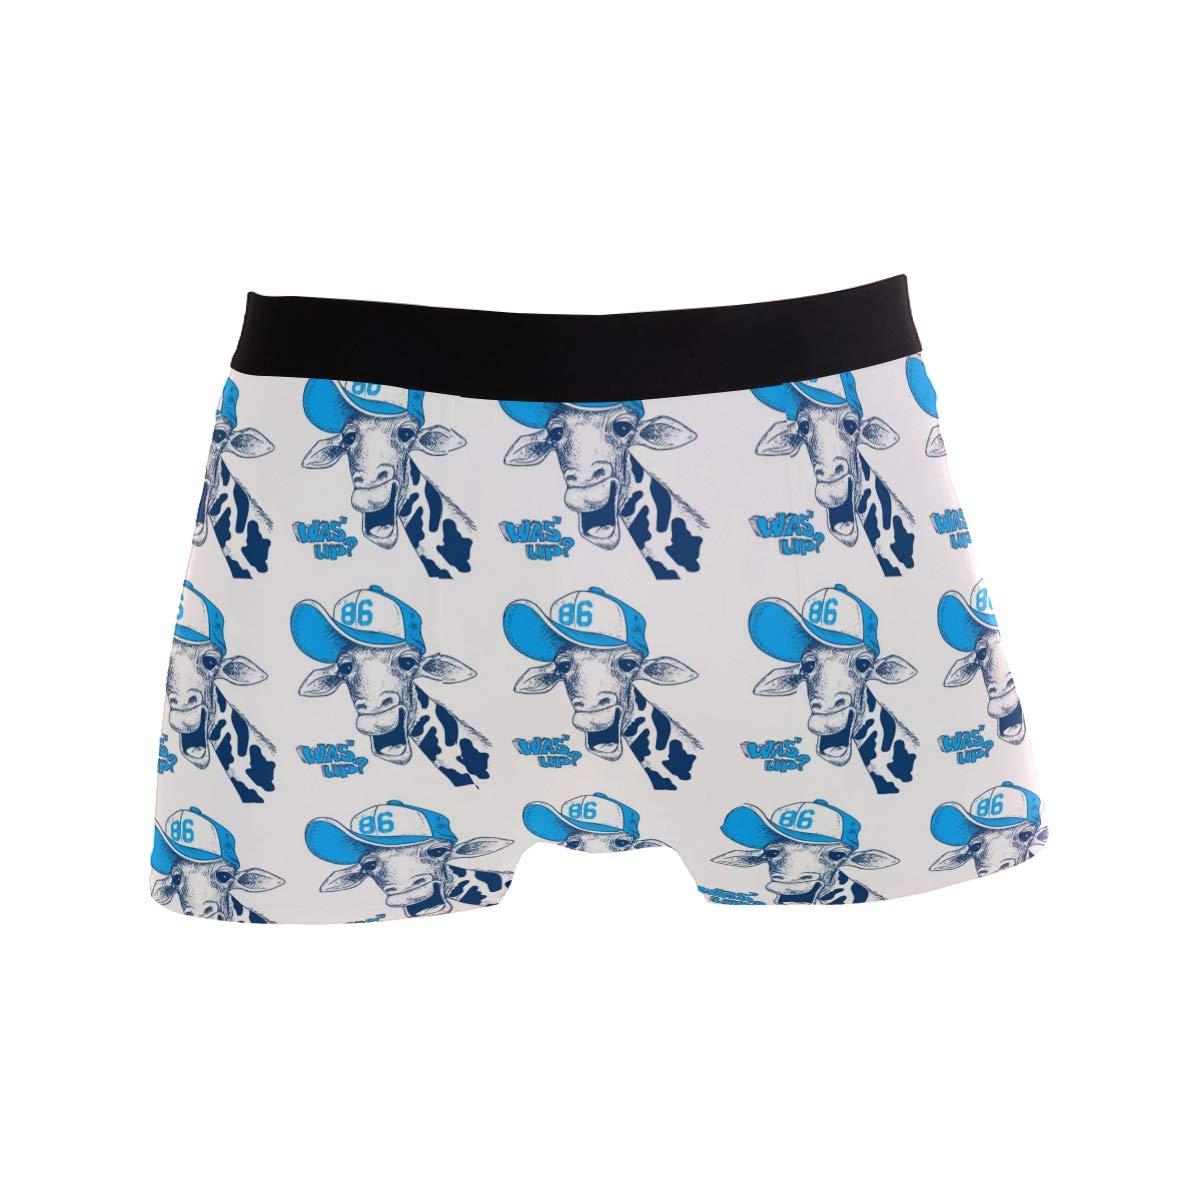 Charlley Lee Mens Soft Breathable Giraffe Wearing Hat Underwear Boxer Briefs